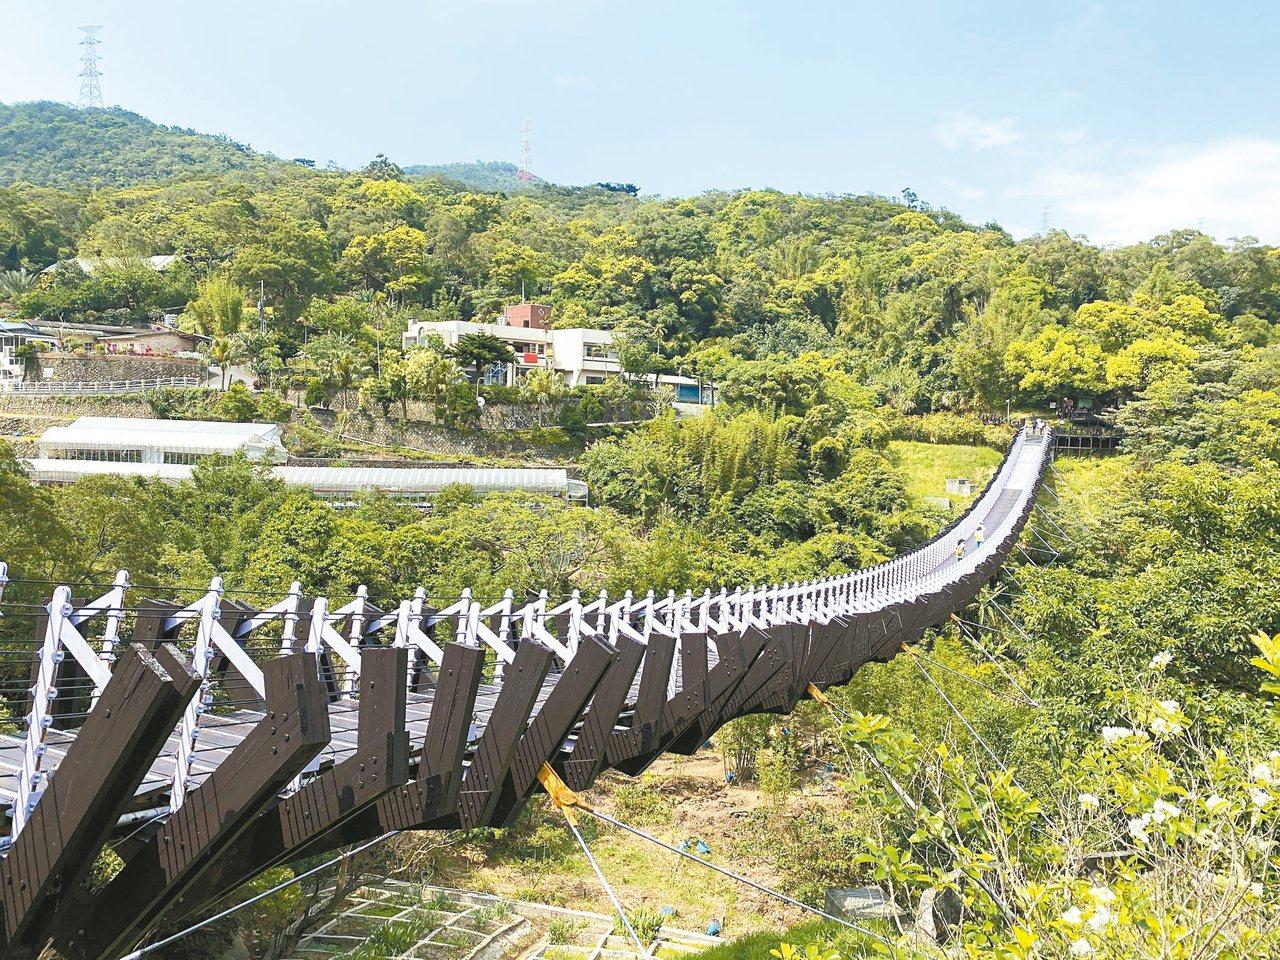 白石湖吊橋宛如龍骨,兩端銜接白石湖休閒農業區與碧山巖。 圖/大地工程處提供